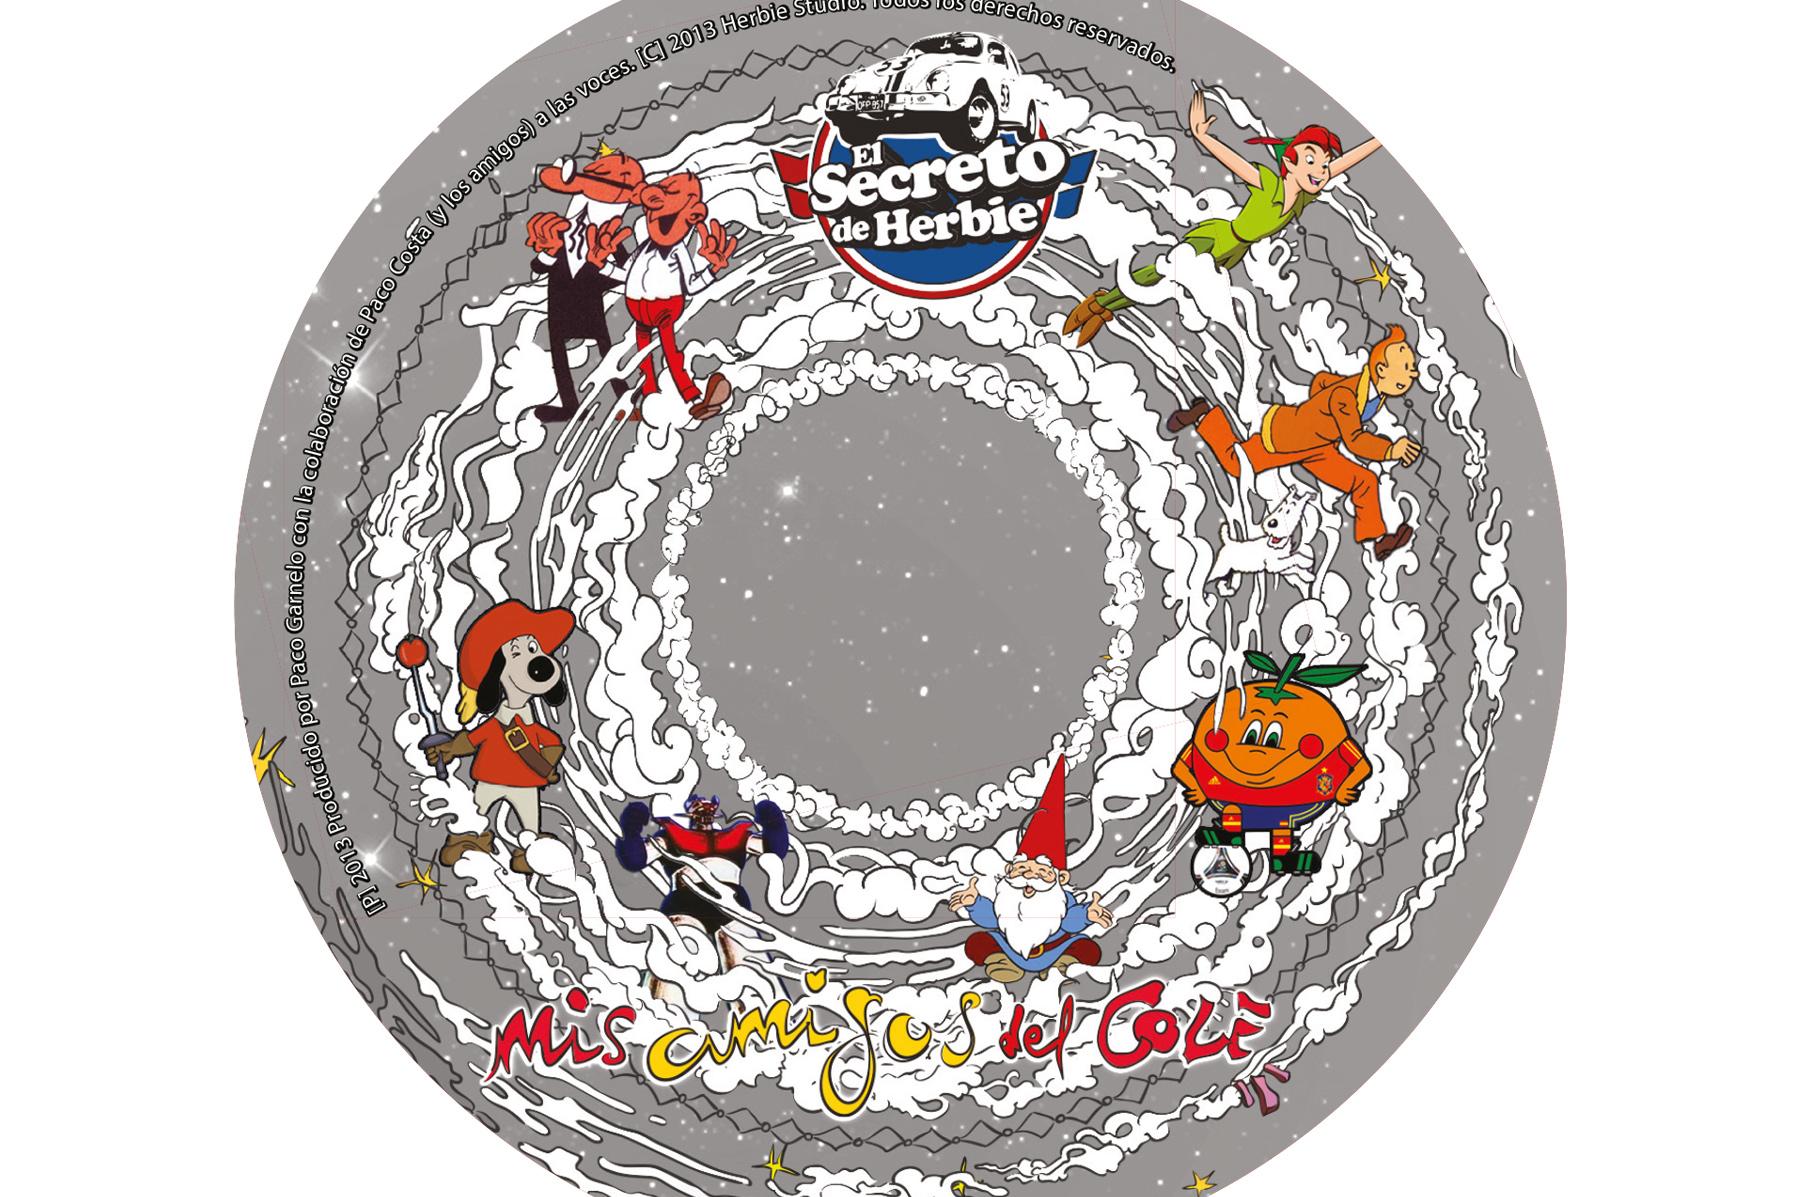 diseño galleta cd ilustración